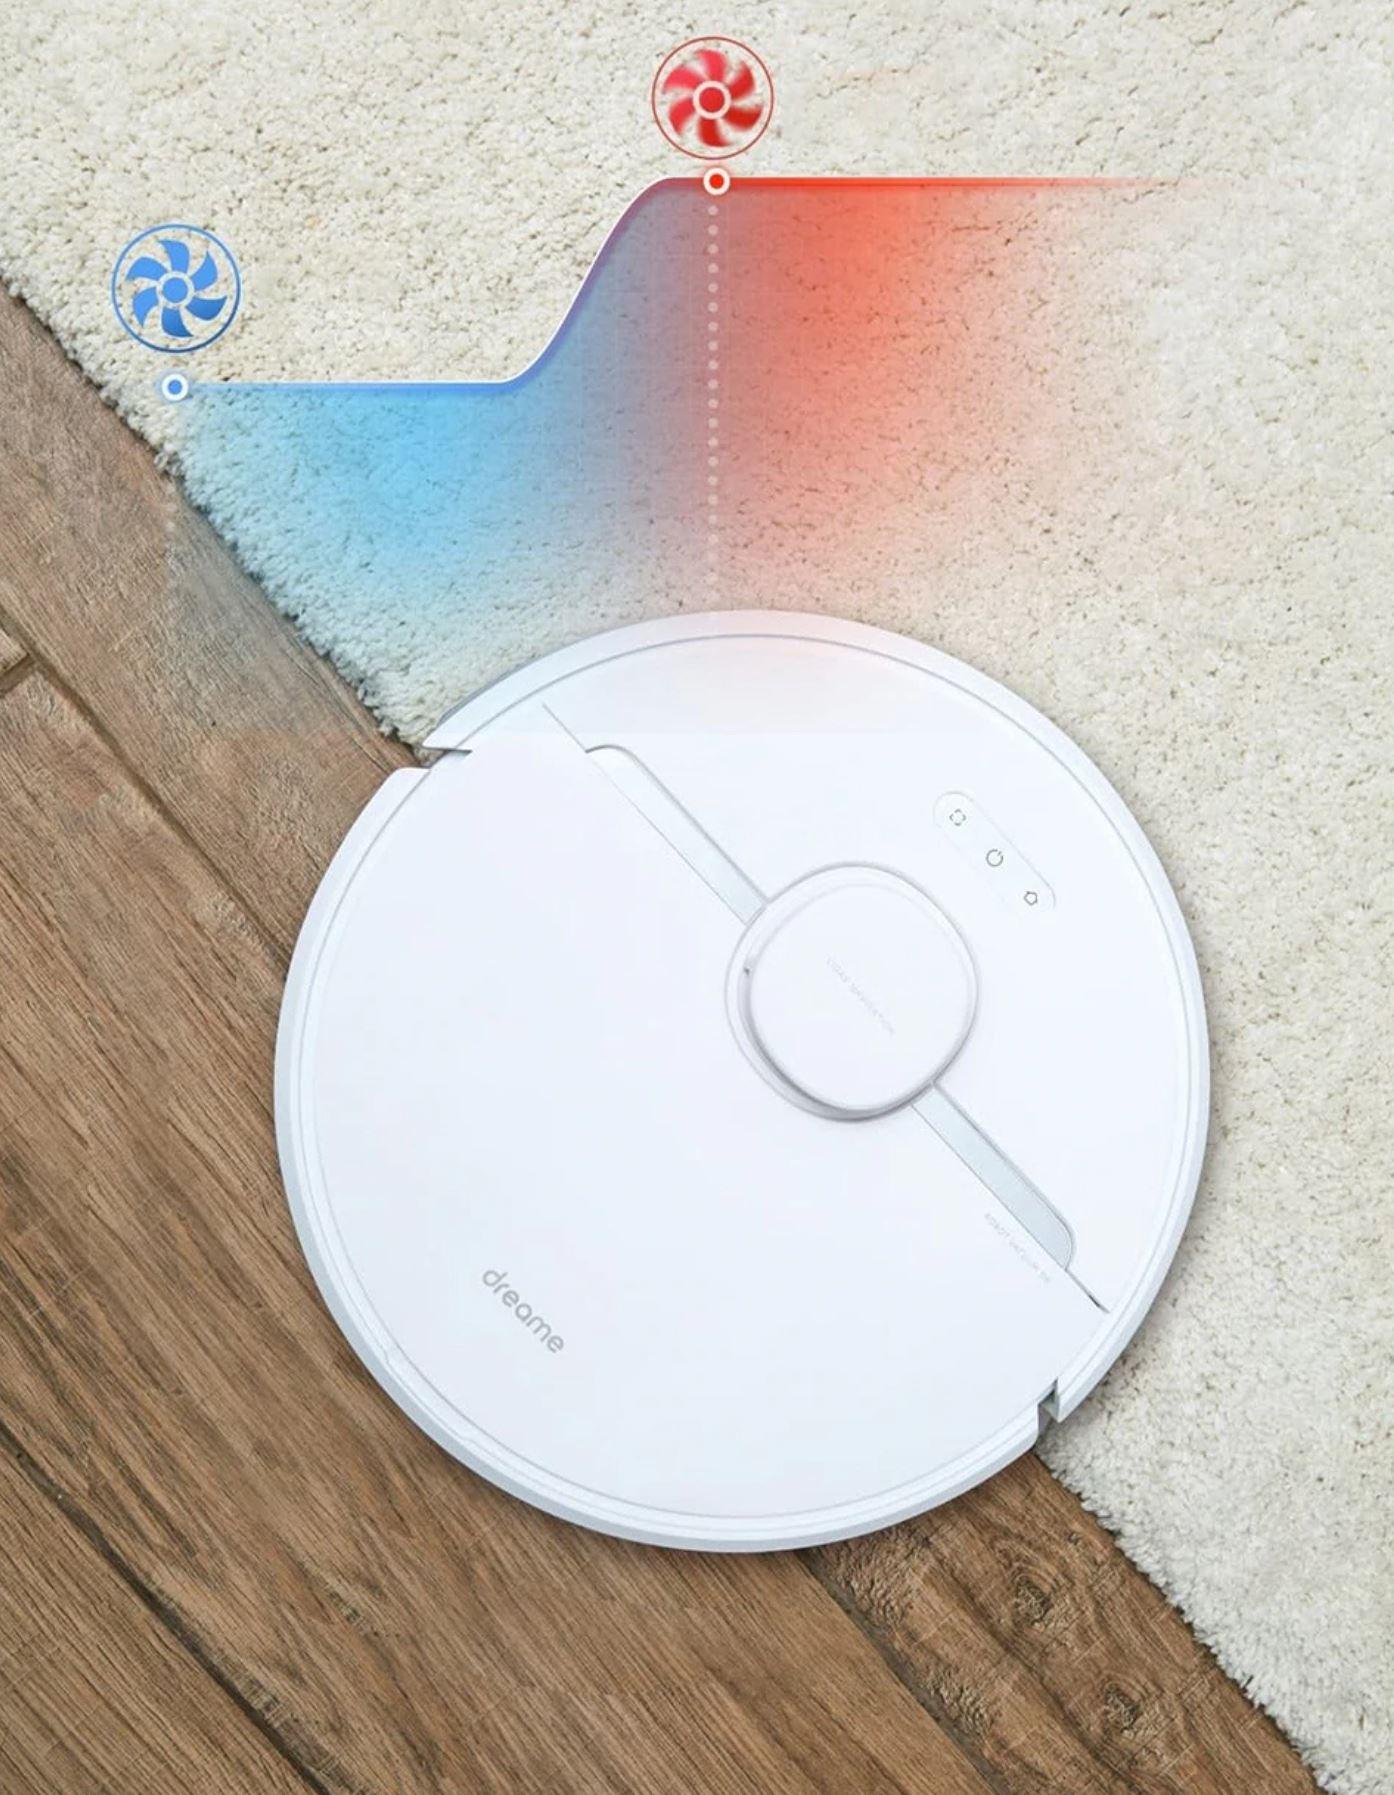 Dreame D9 - promocja - wykrywanie dywanów i zwiększanie mocy ssącej